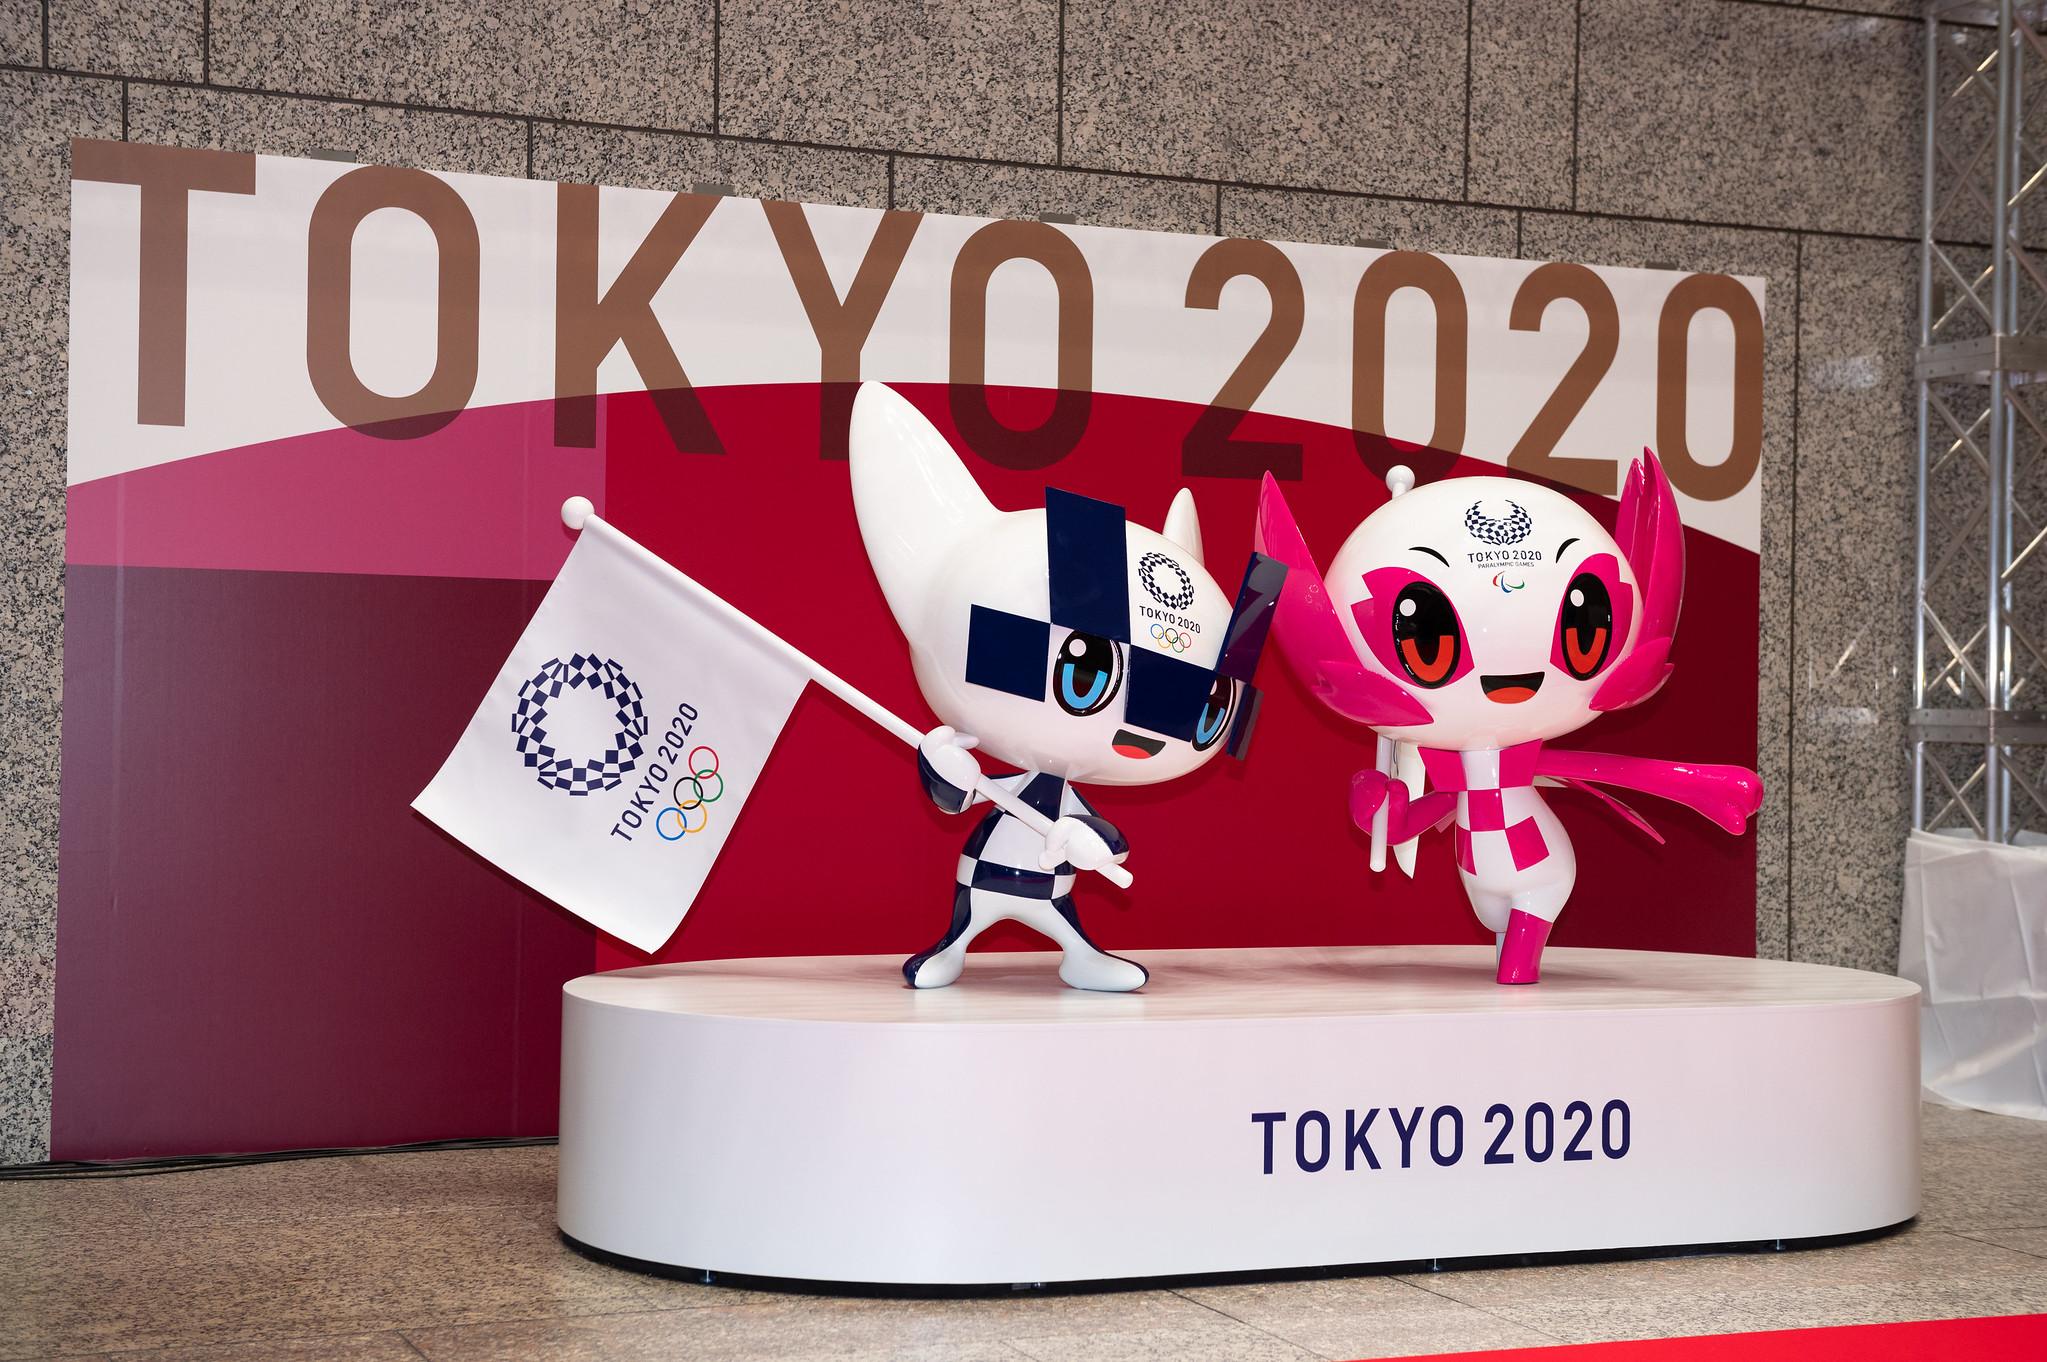 Dias e horários dos jogos e competições das Olimpíadas de Tóquio